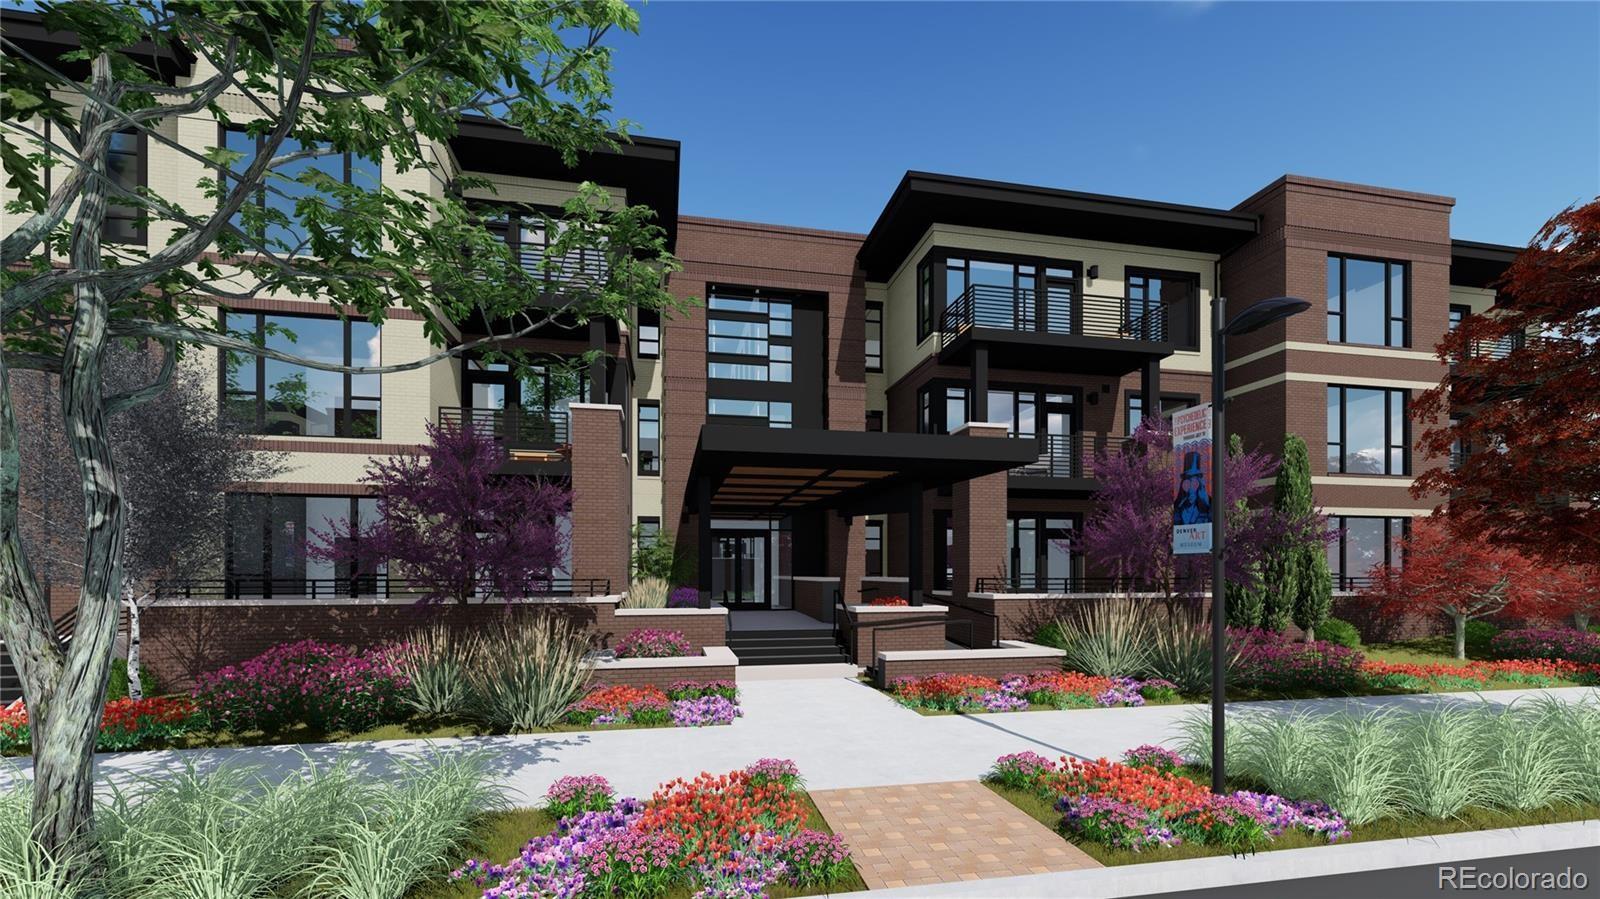 MLS# 2822805 - 1 - 6619  E Lowry Boulevard, Denver, CO 80224